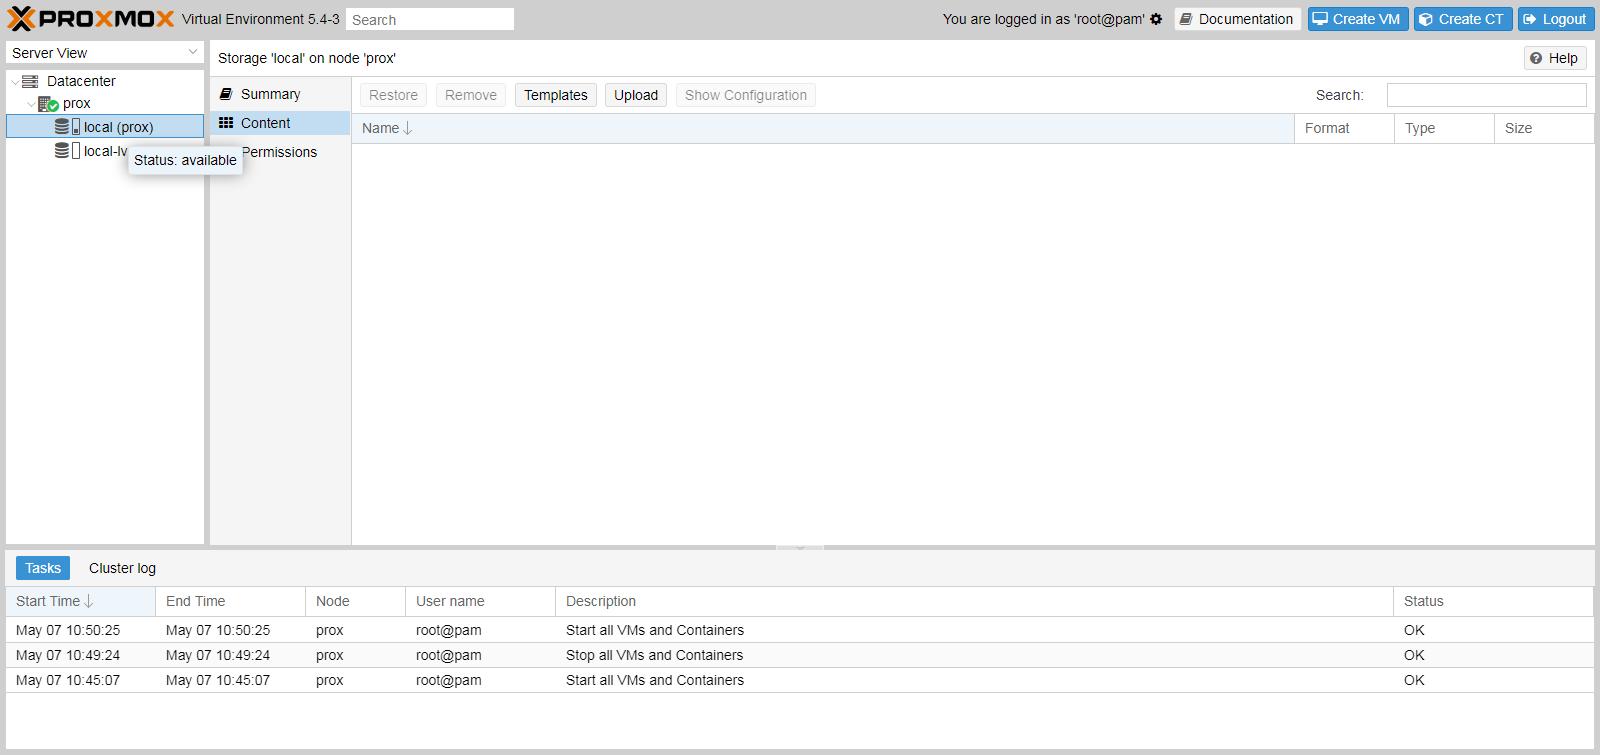 Cara mudah upload file ISO Image di proxmox step by step lengkap